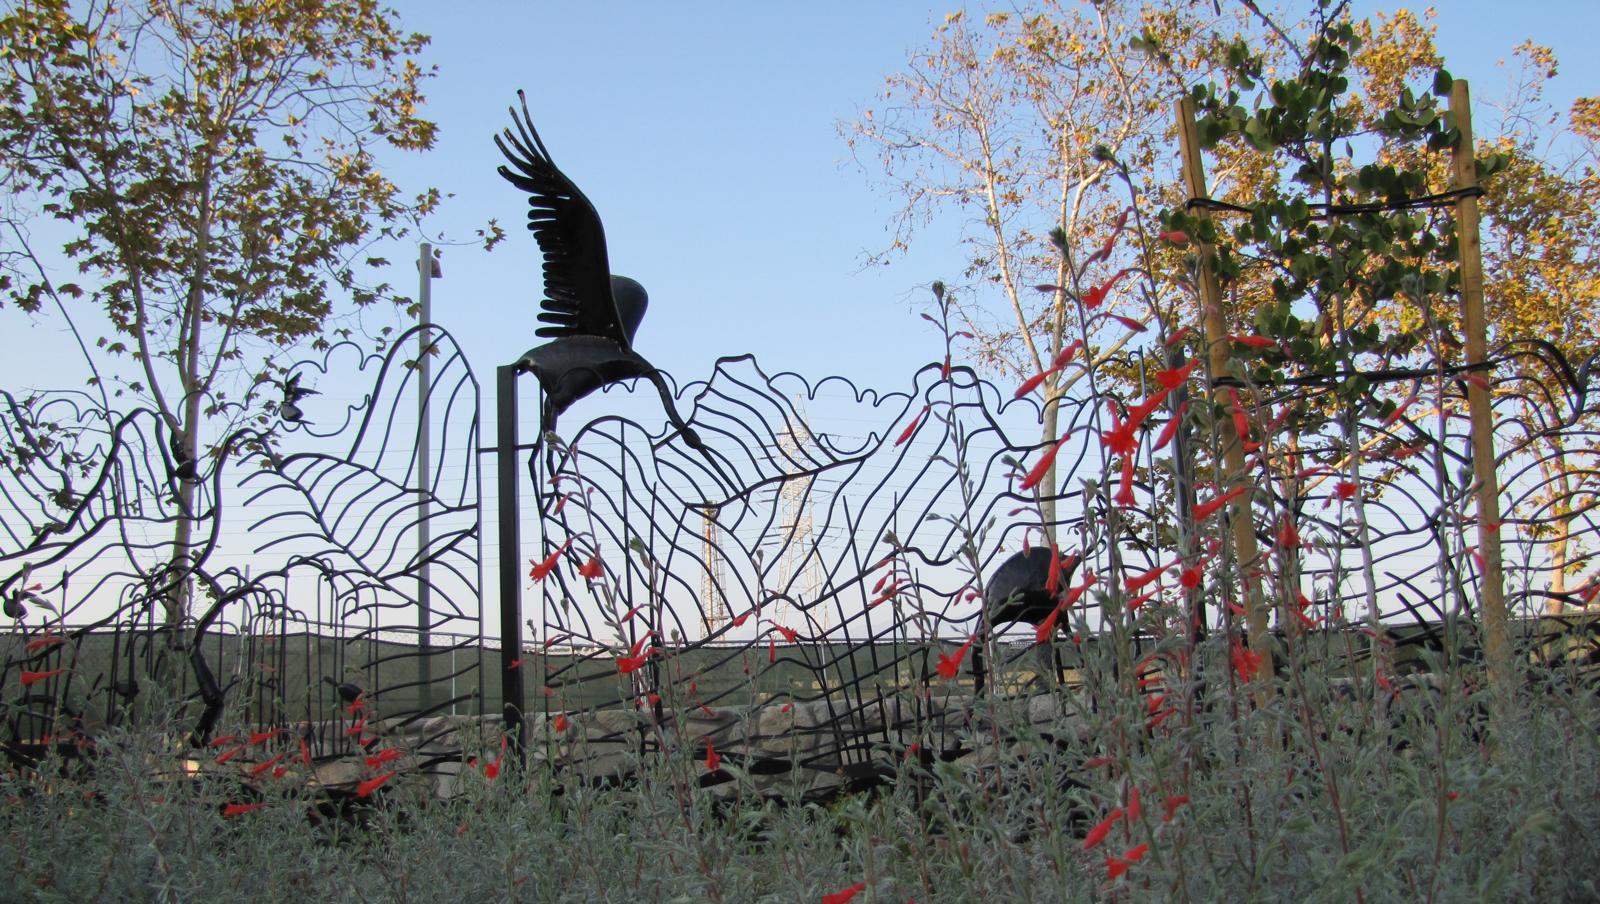 LENS Marsh Park Gate - 1600 wide